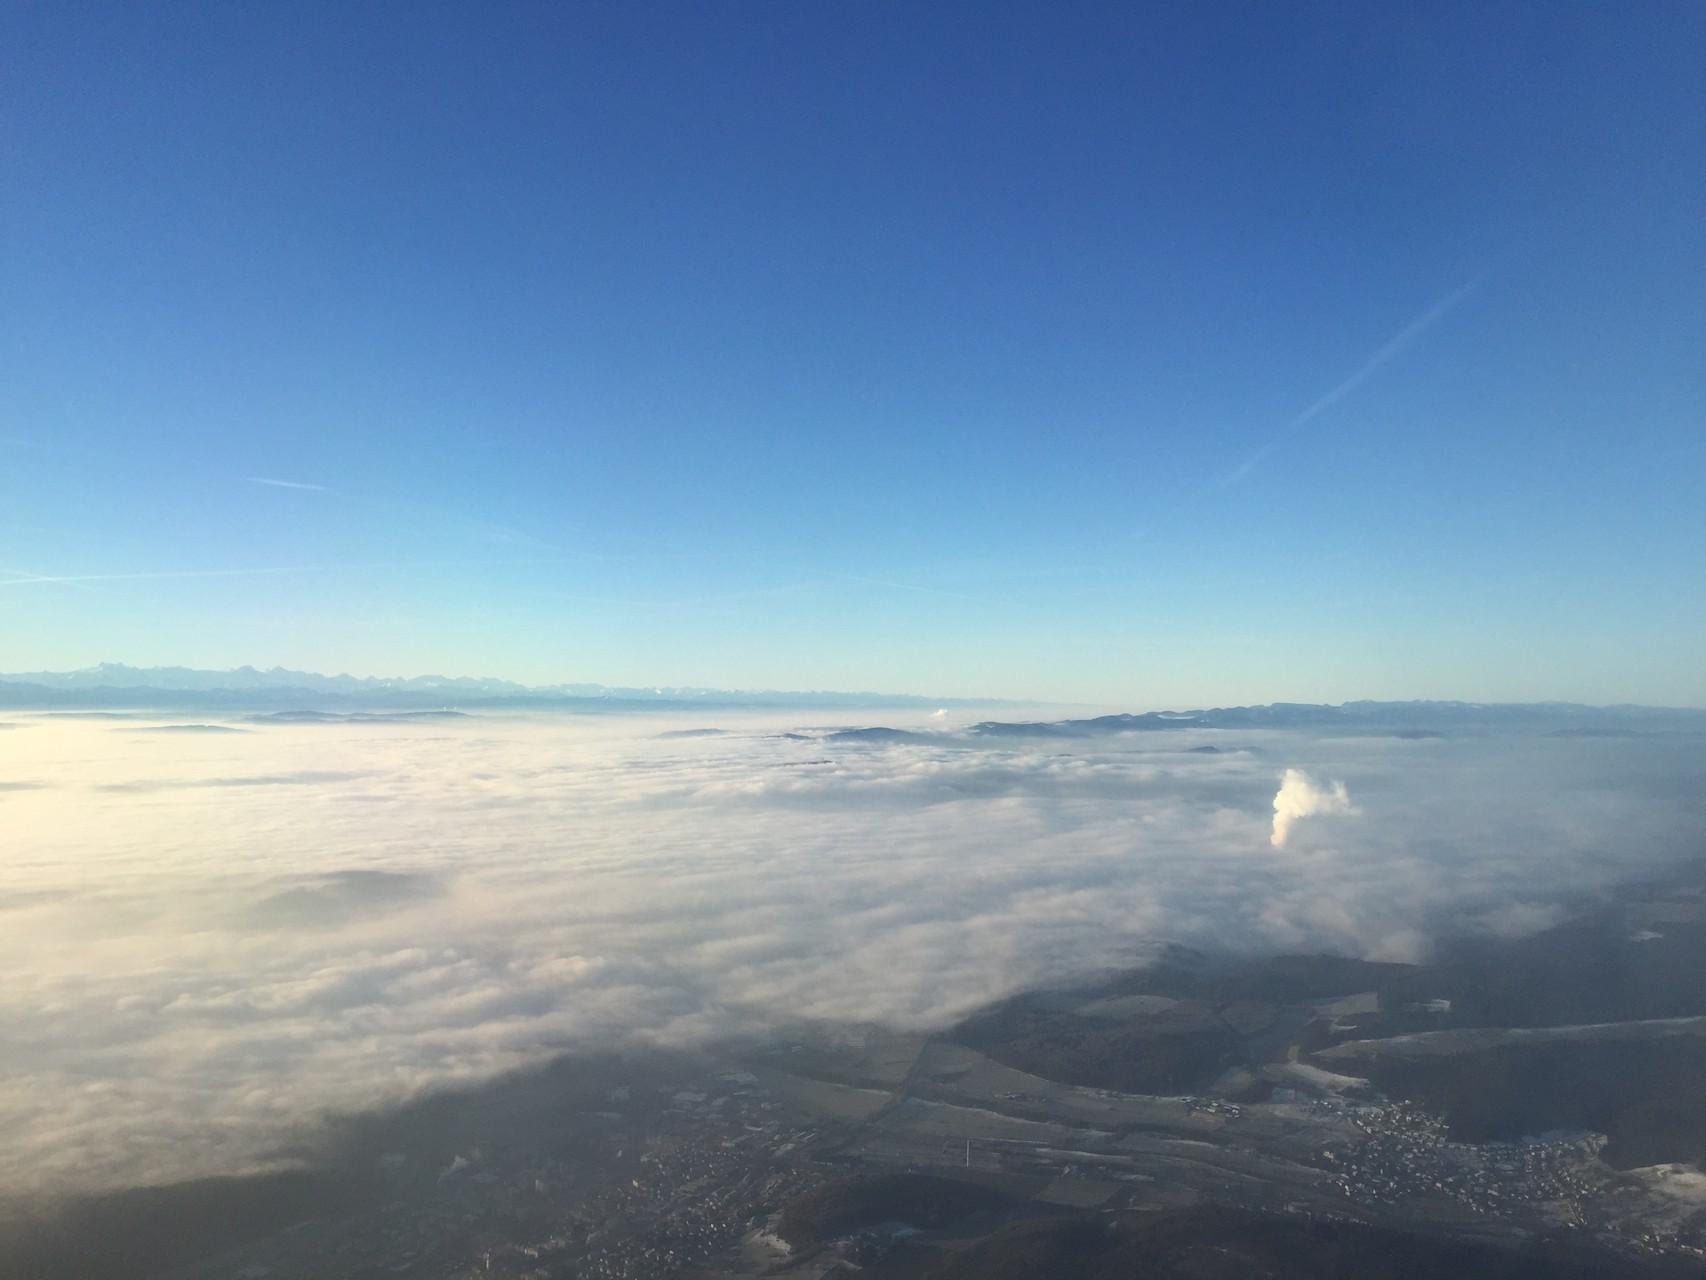 ... wo wir mit Mühe im Nebel landen konnten